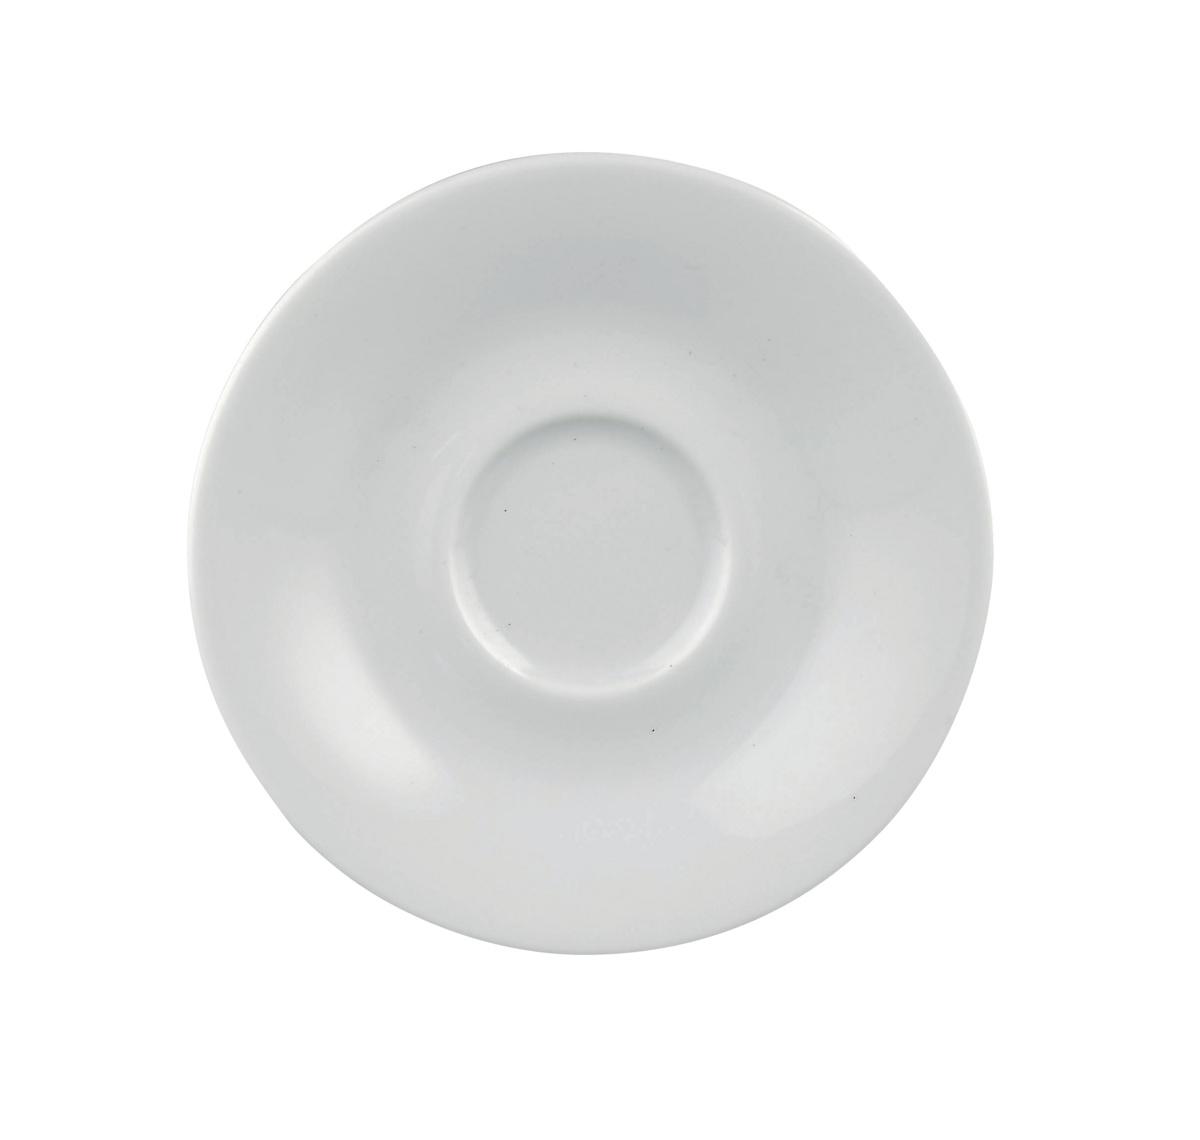 Sous-tasse à thé ronde blanc porcelaine Ø 13 cm Paula